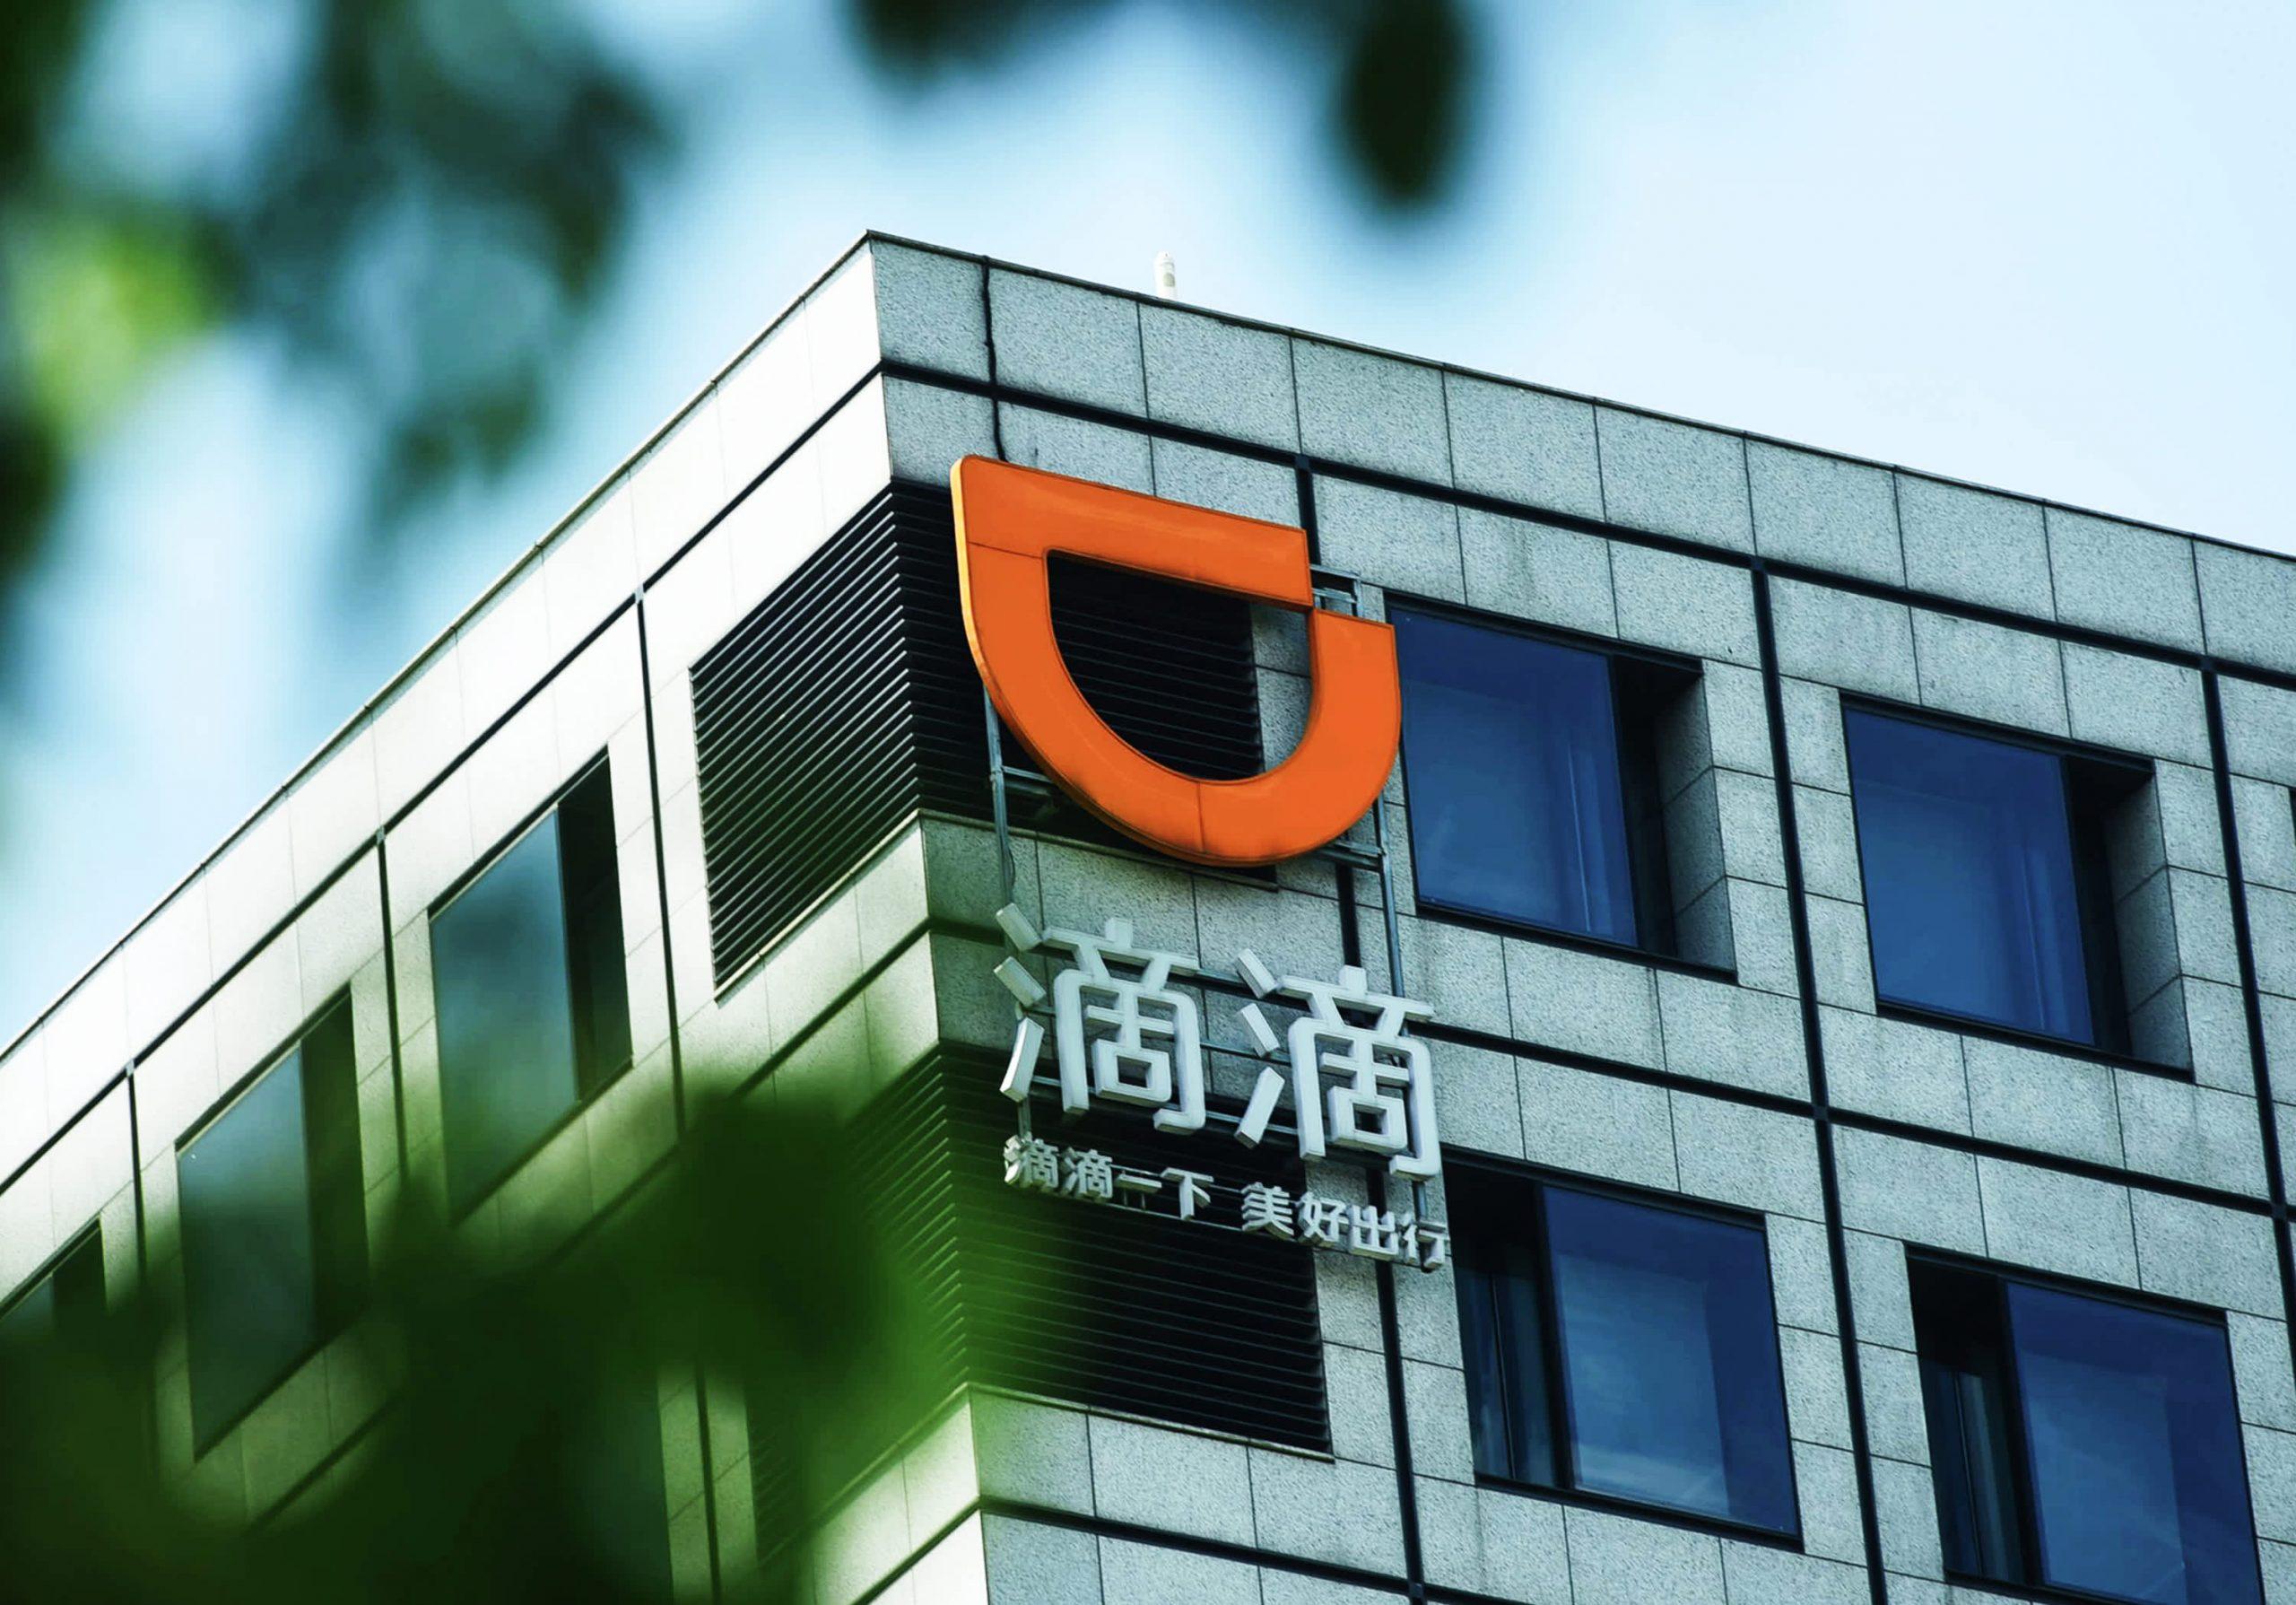 Didi Chuxing files for IPO, booked $6.4 billion revenue in Q1